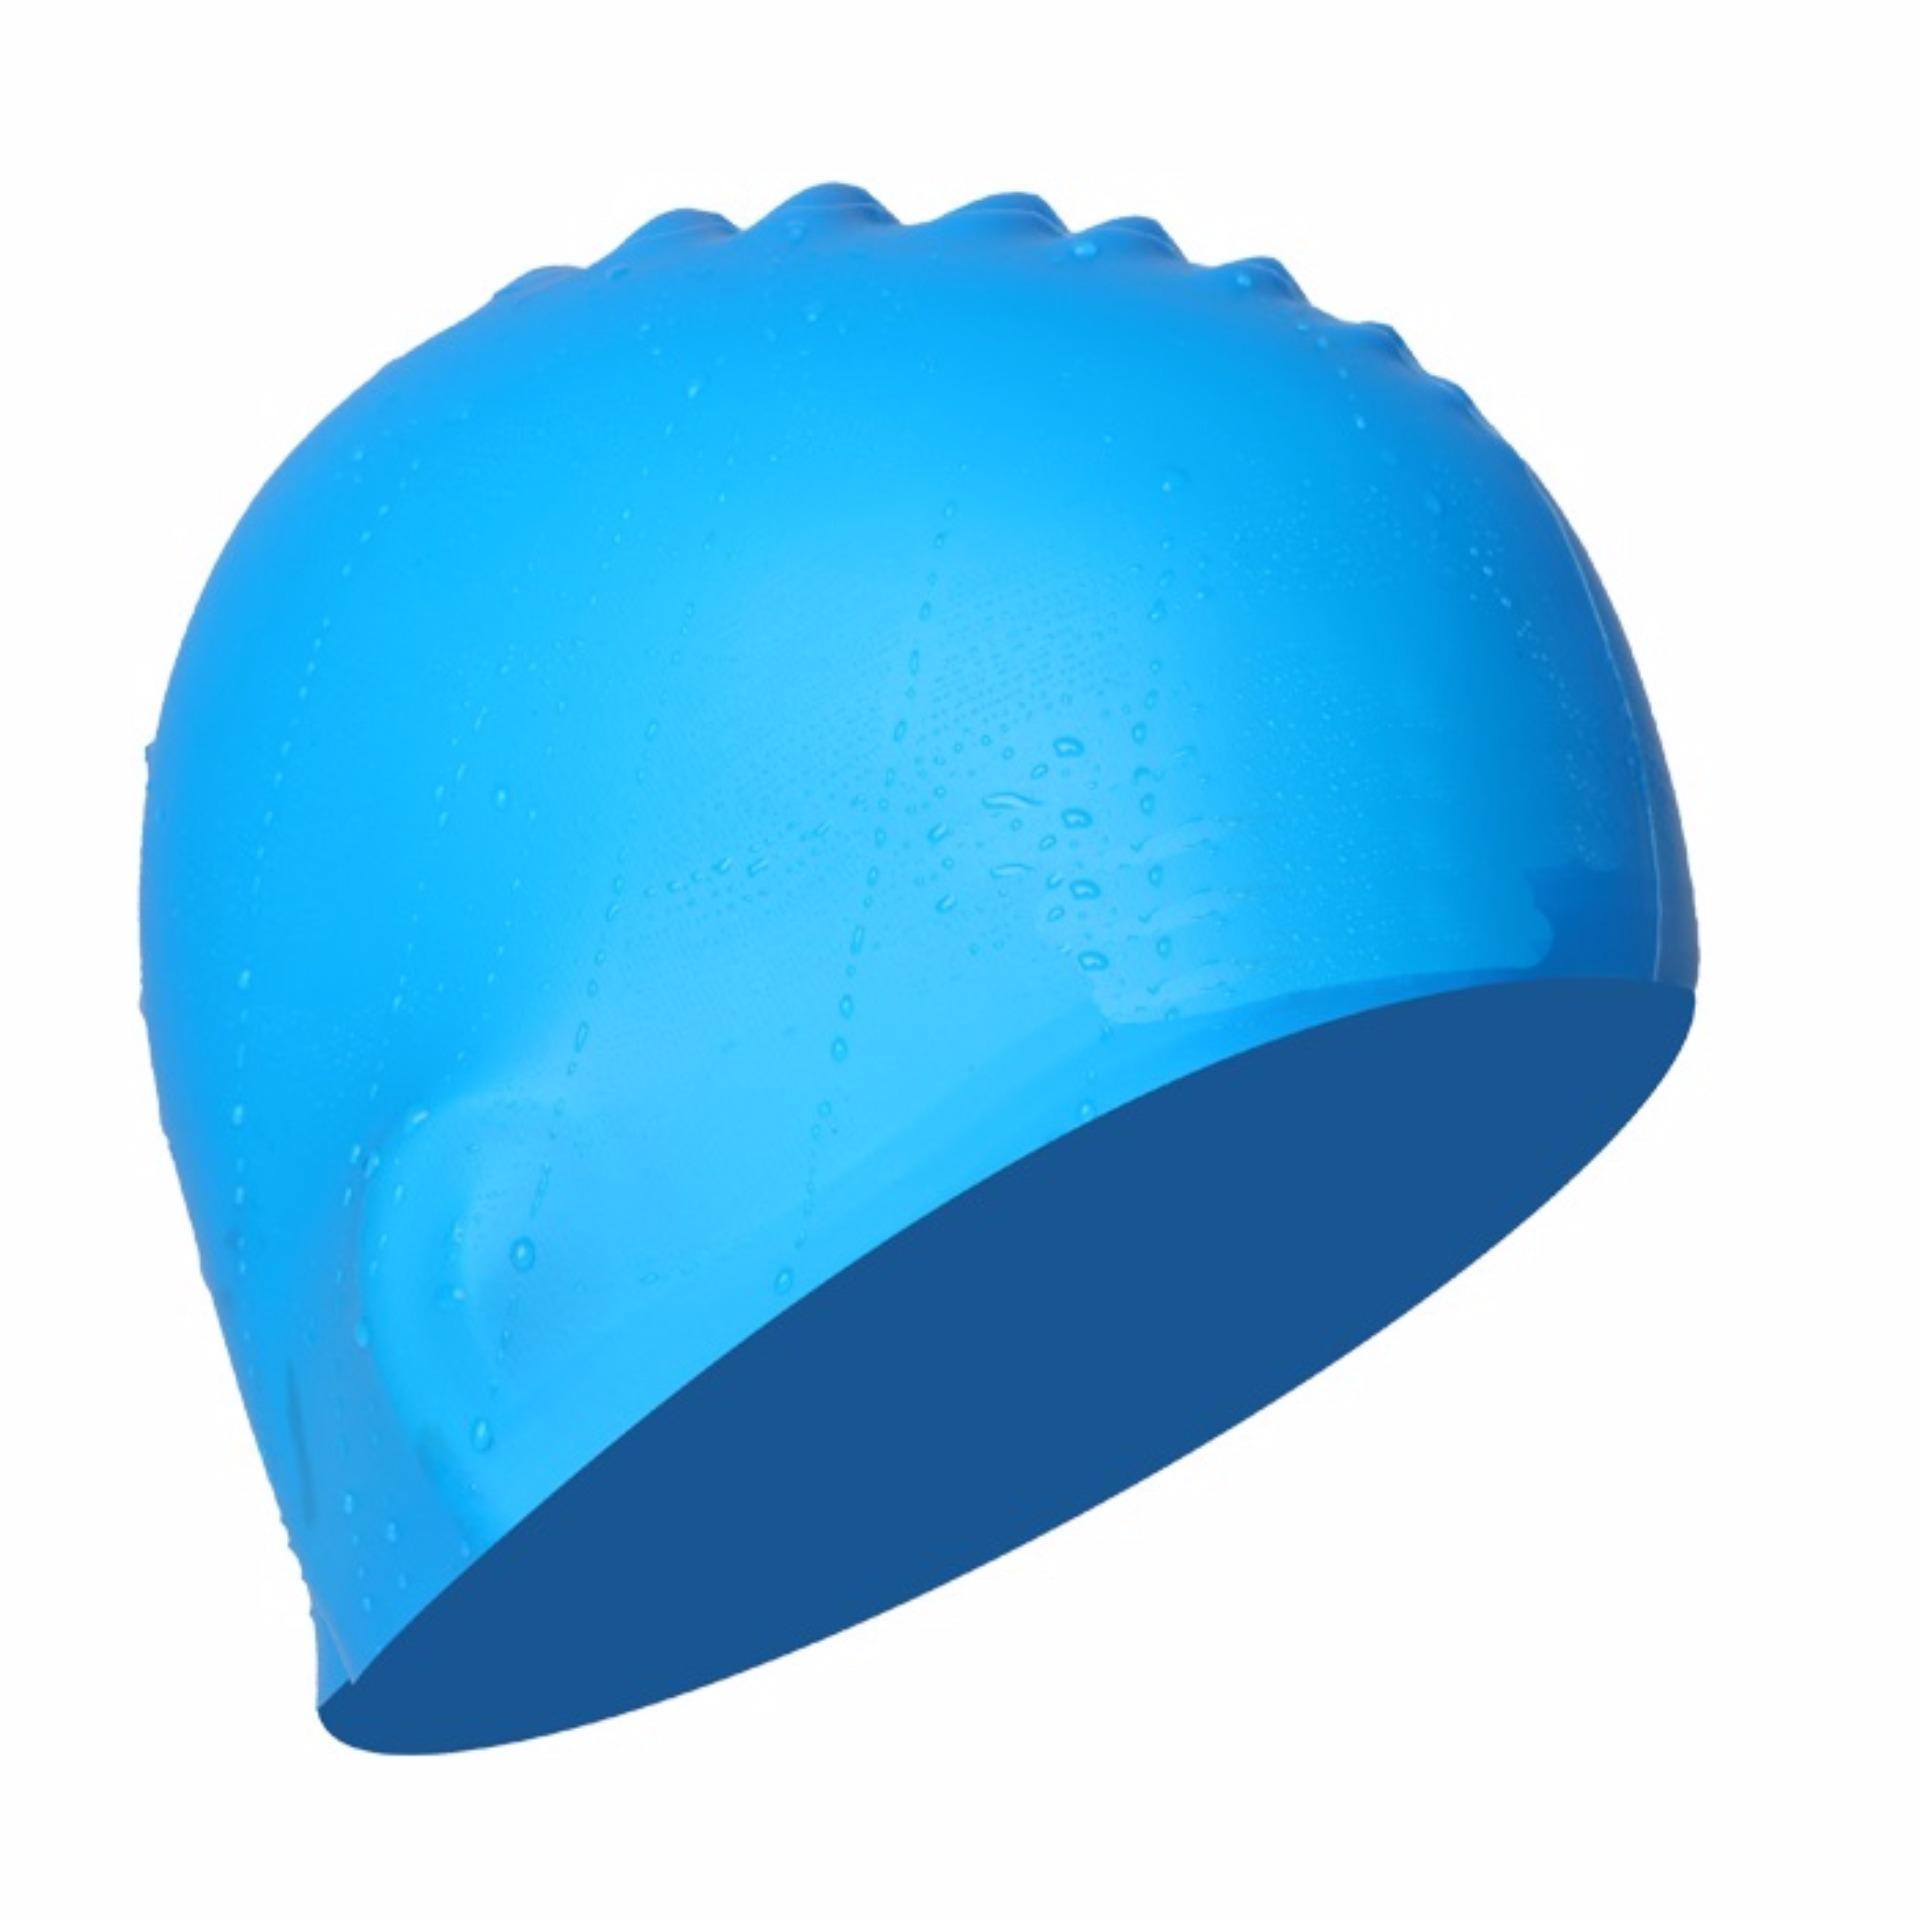 Nón bơi mũ bơi trơn silicone chống thống nước cao cấp CA31 POPO Collection - 7